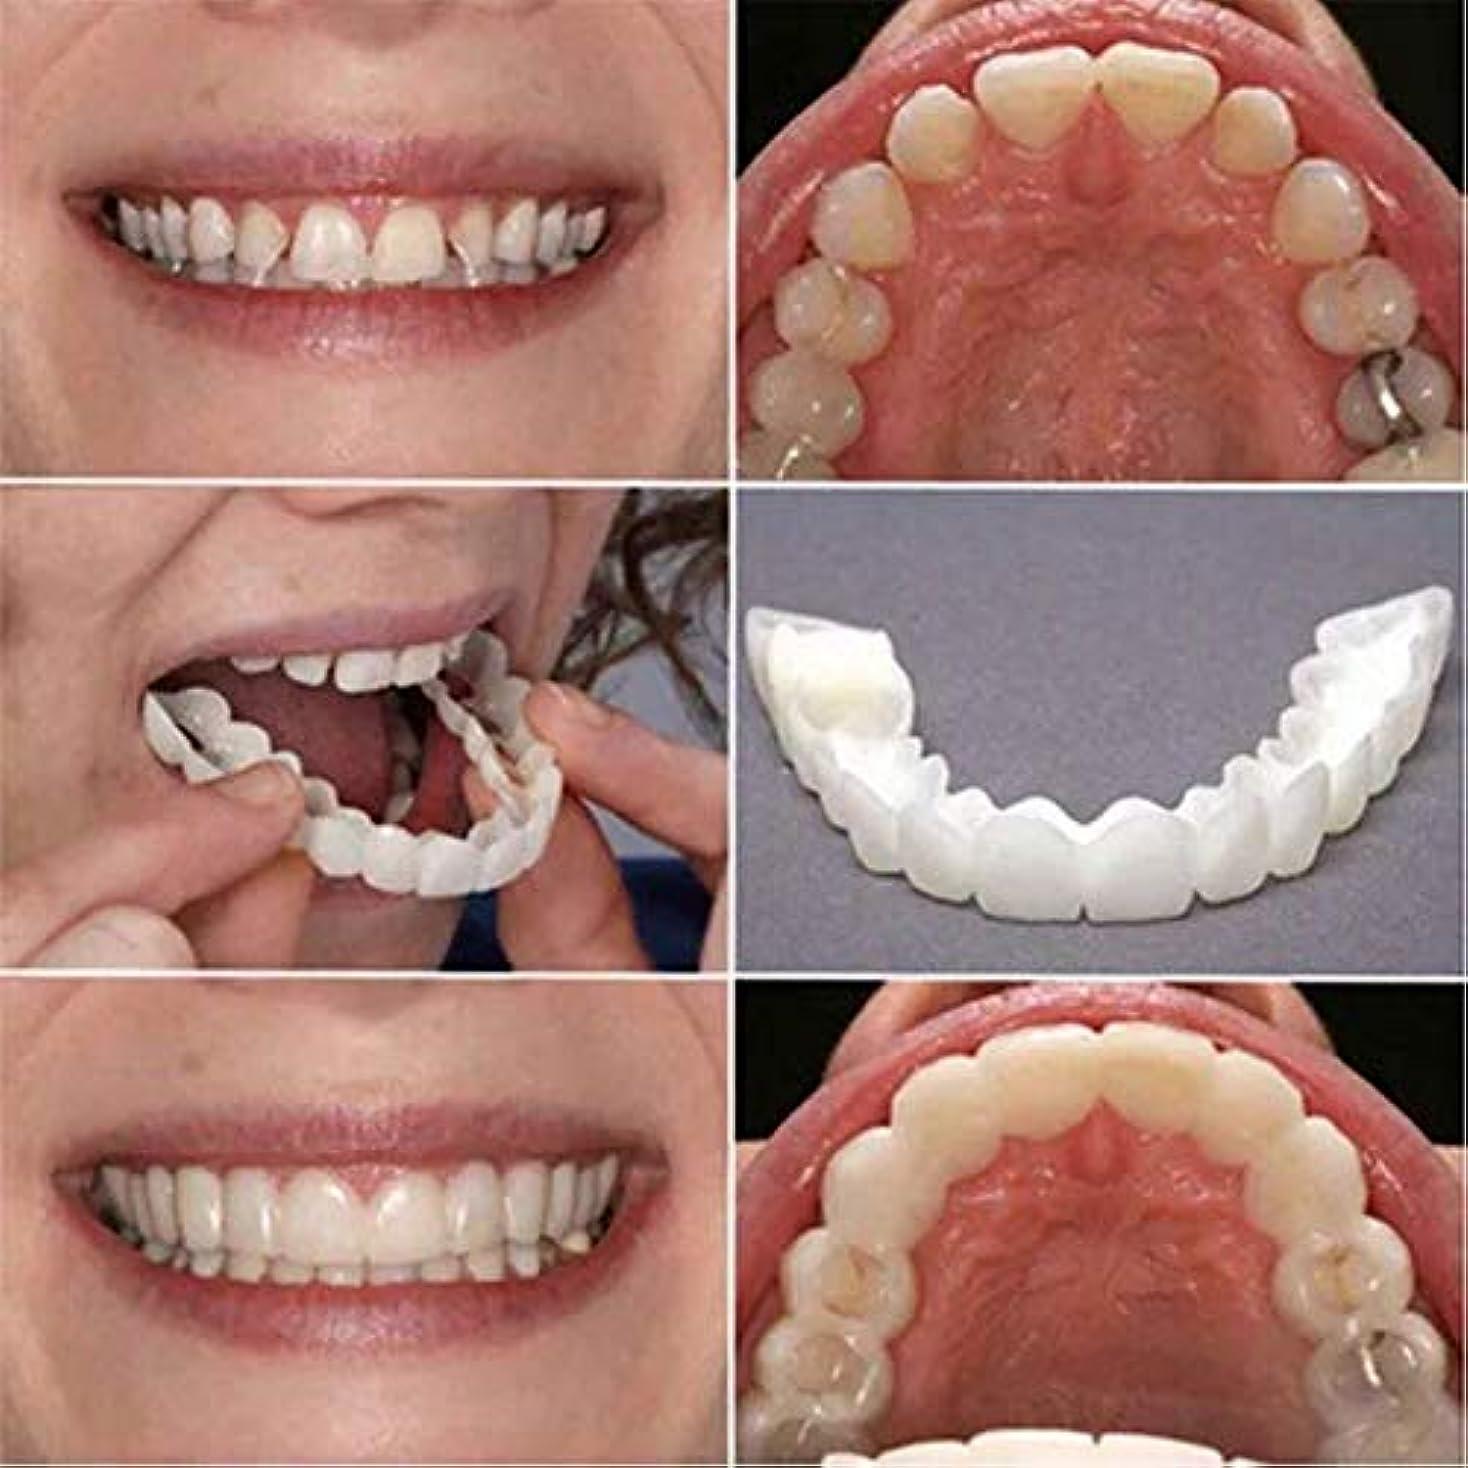 確かめるターゲットテクスチャー2個の歯ピースフィッティング快適なフィット歯のソケット義歯口腔用品矯正アクセティース 笑顔を保つ